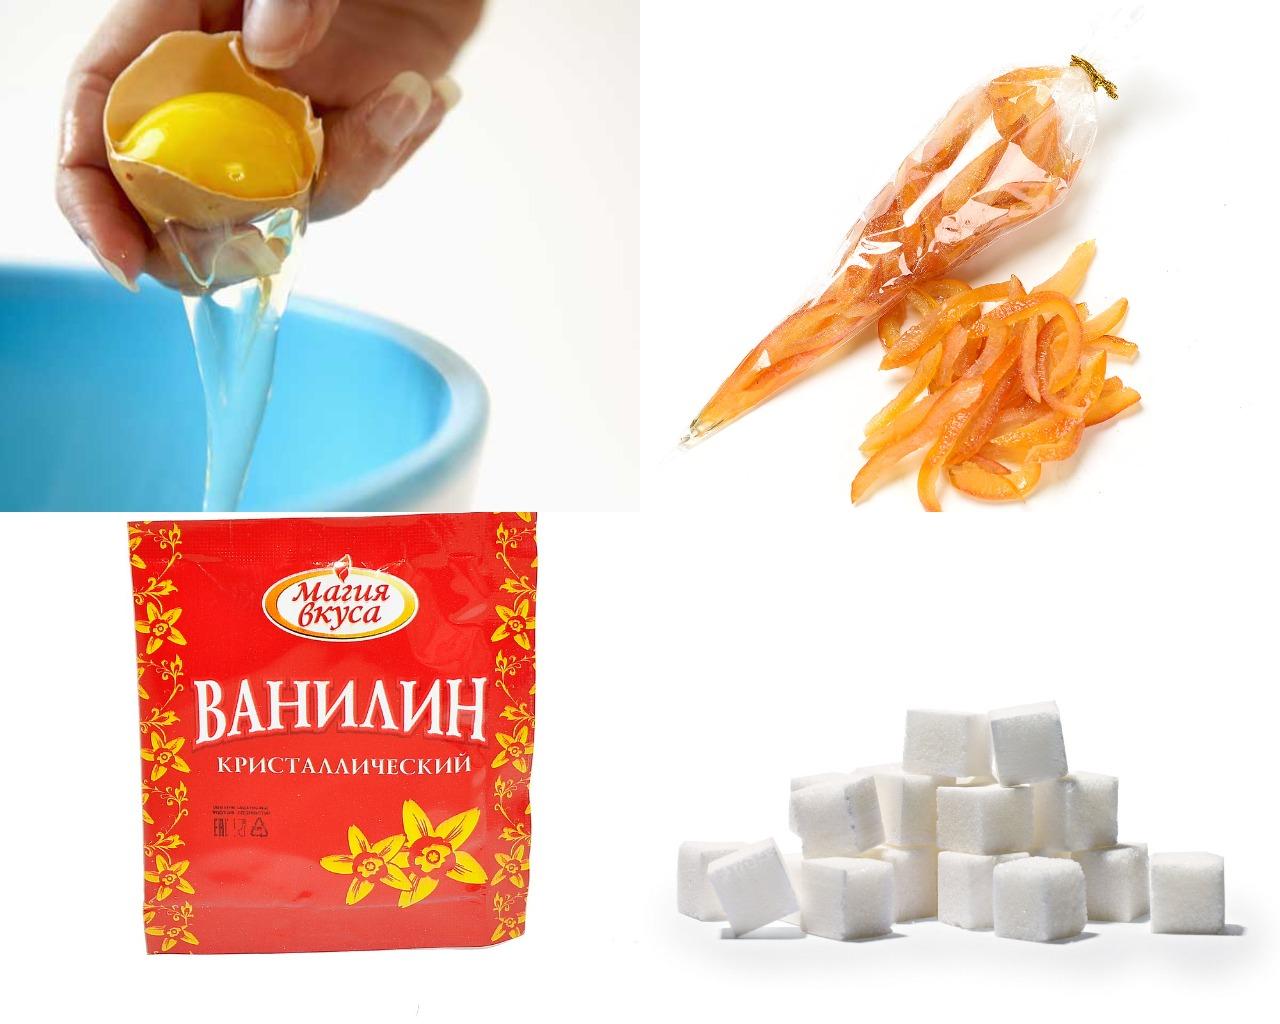 Ингредиенты для ванильной глазури